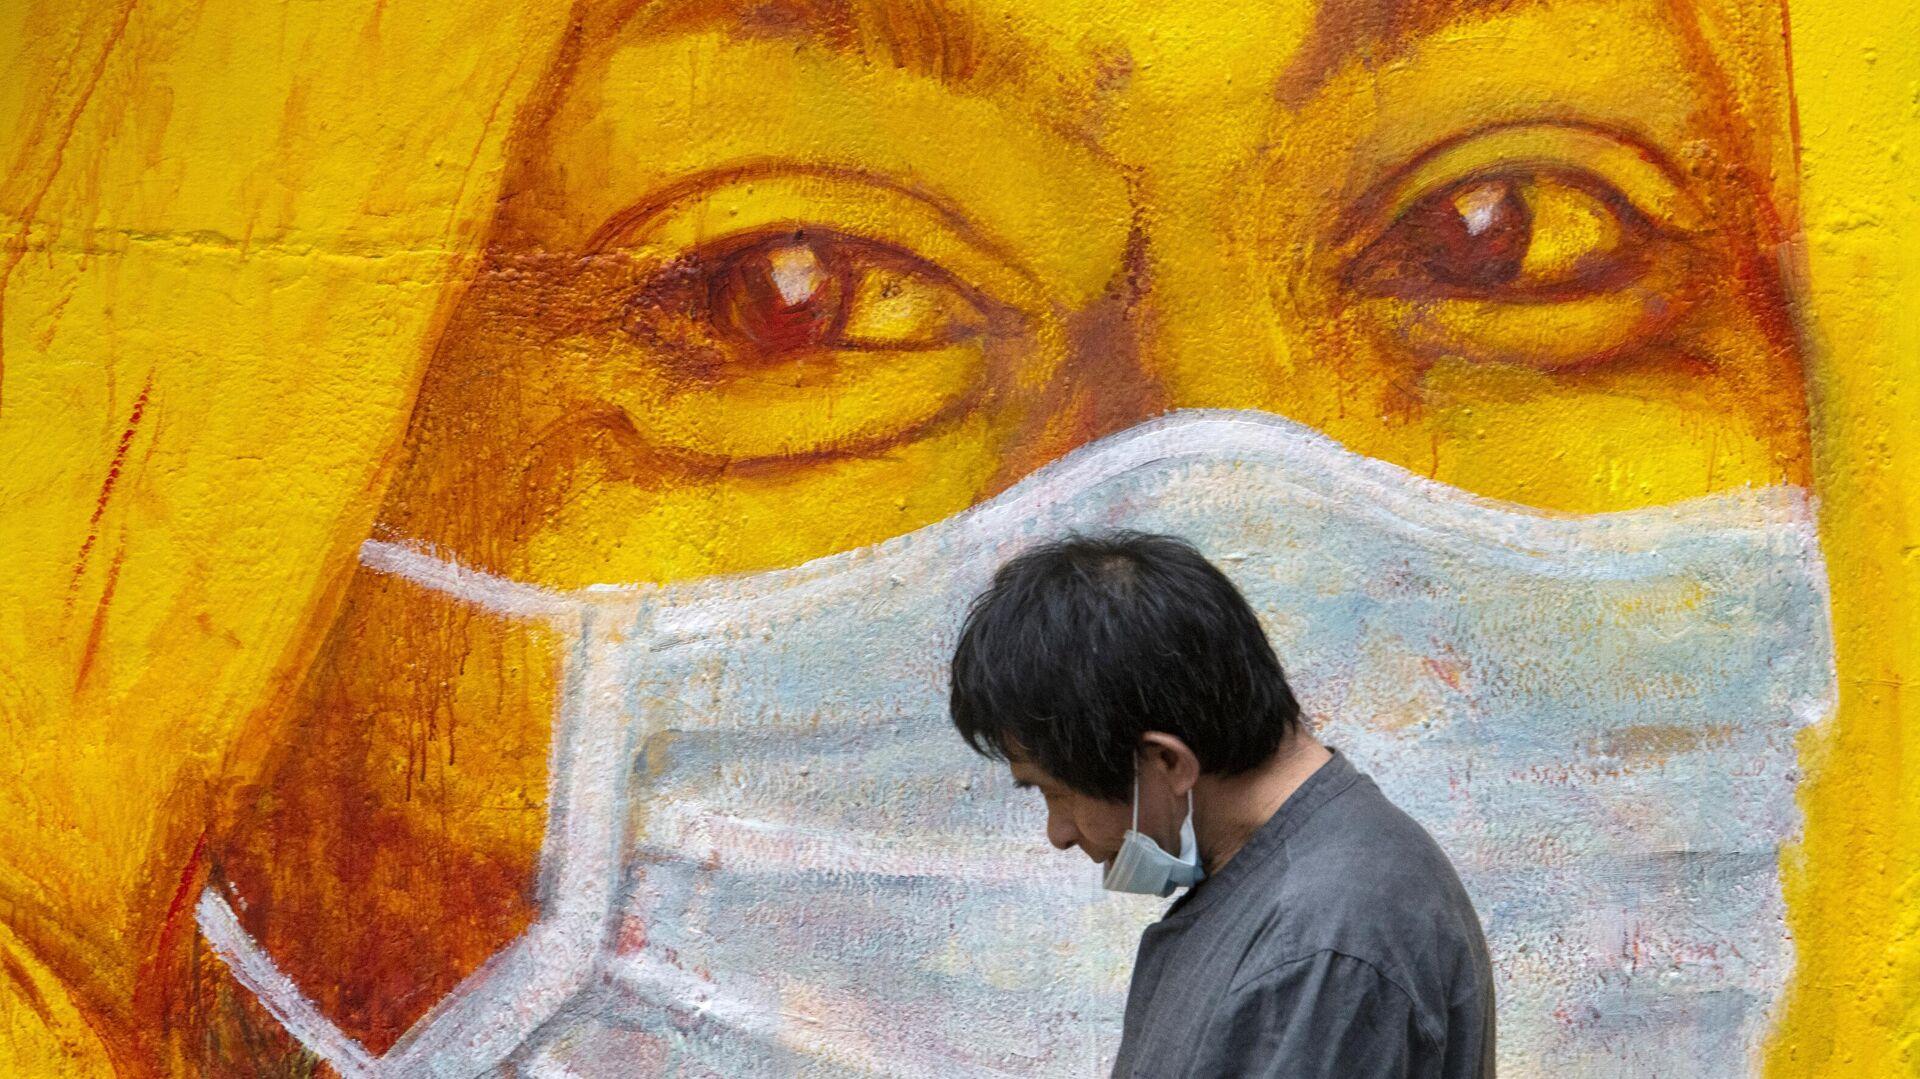 Прохожий около стены с изображением человека в маске в Гонконге - РИА Новости, 1920, 02.10.2020